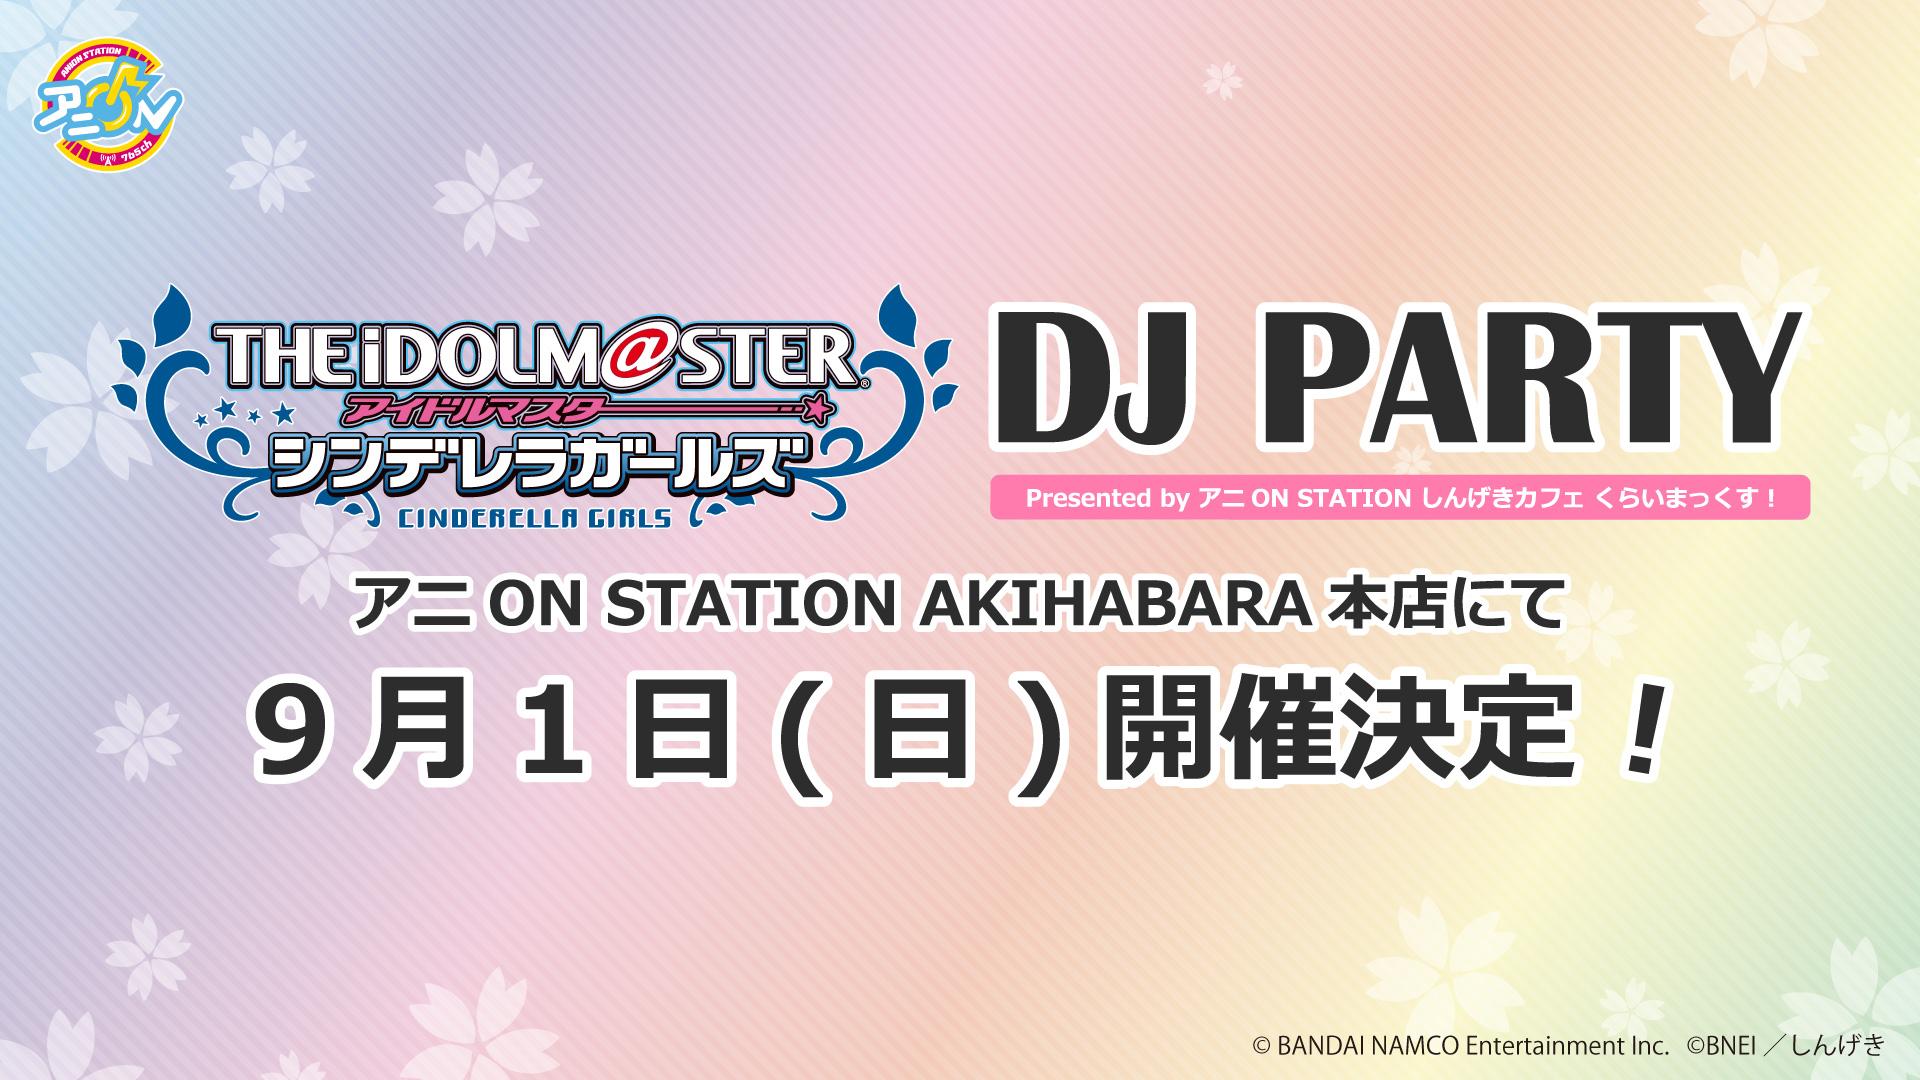 アイドルマスター シンデレラガールズ  DJ PARTY Presented byアニON STATIONしんげきカフェ くらいまっくす!